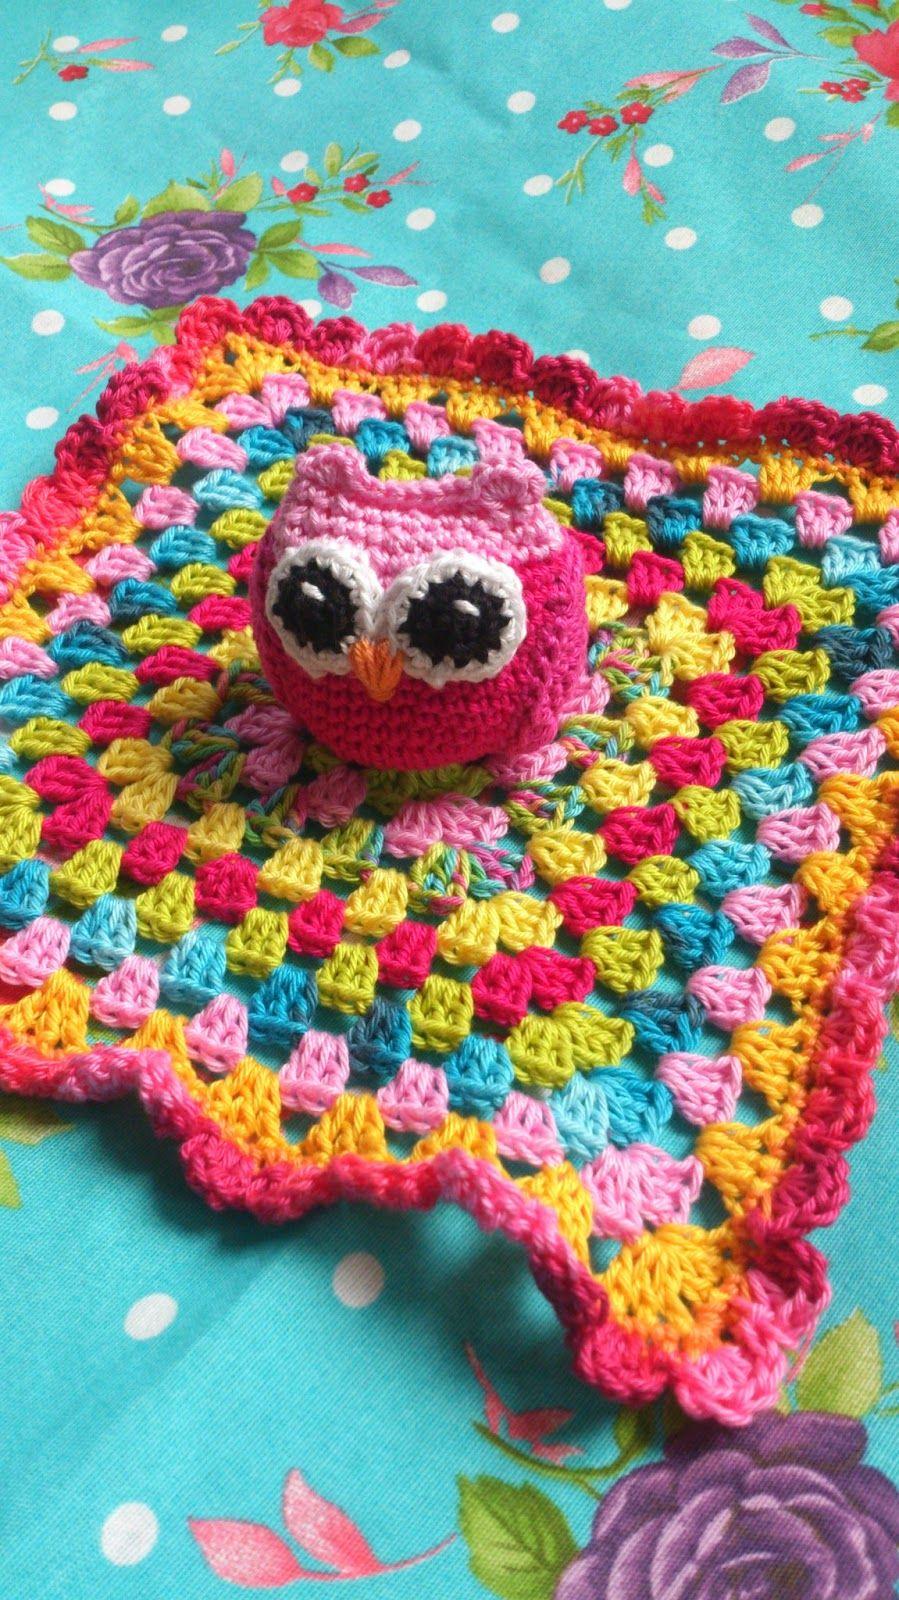 LolaIsHooked: Patroon uiltjestutteldoekje ~ free pattern   crochet ...